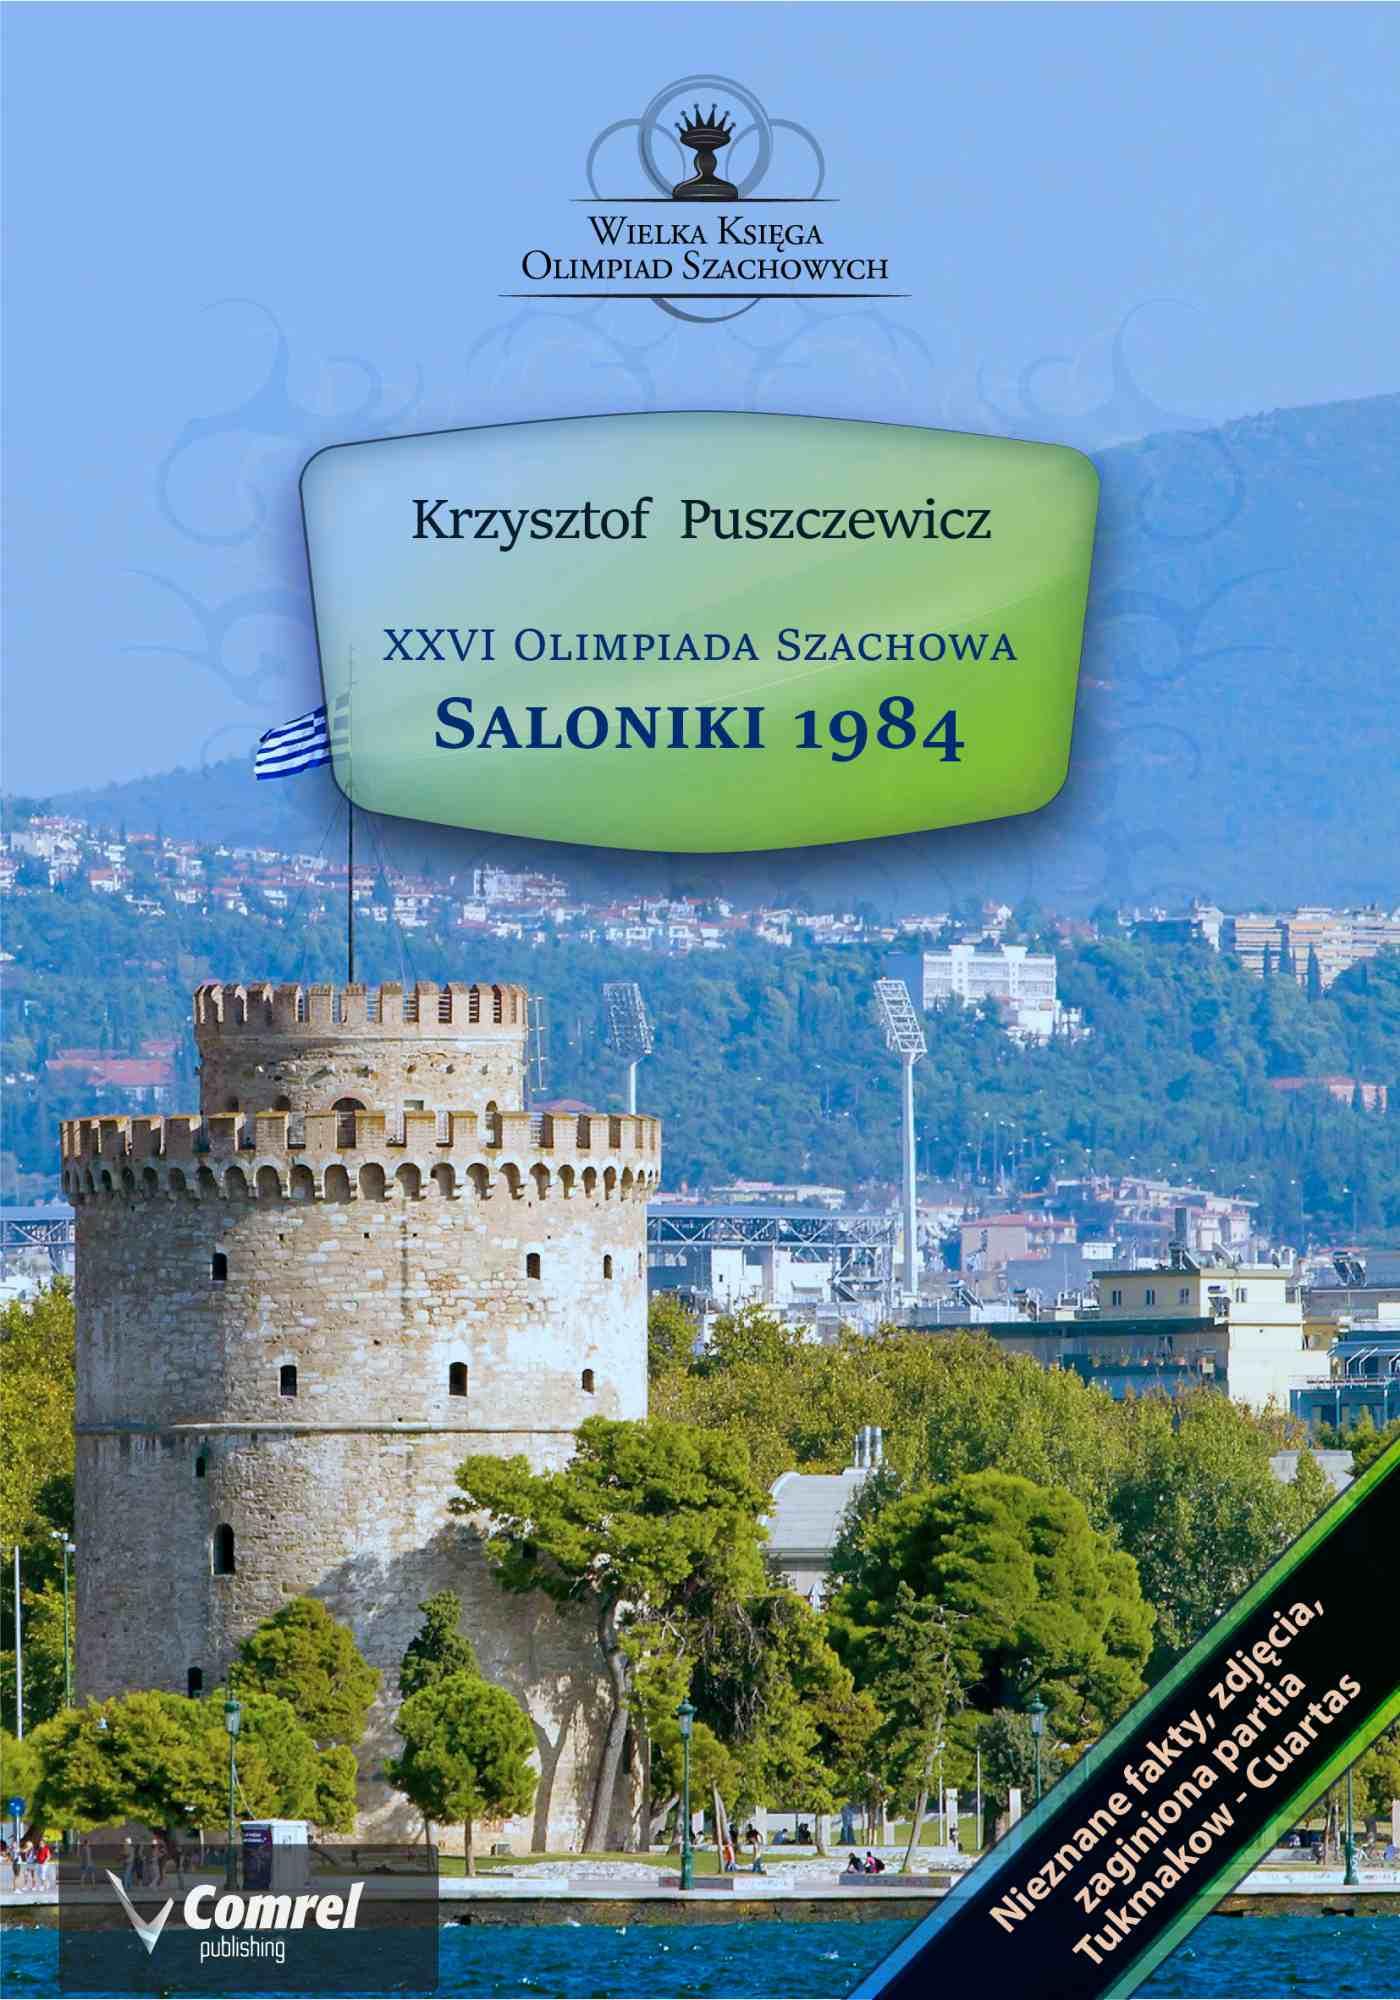 XXVI Olimpiada Szachowa - Saloniki 1984 - Ebook (Książka PDF) do pobrania w formacie PDF